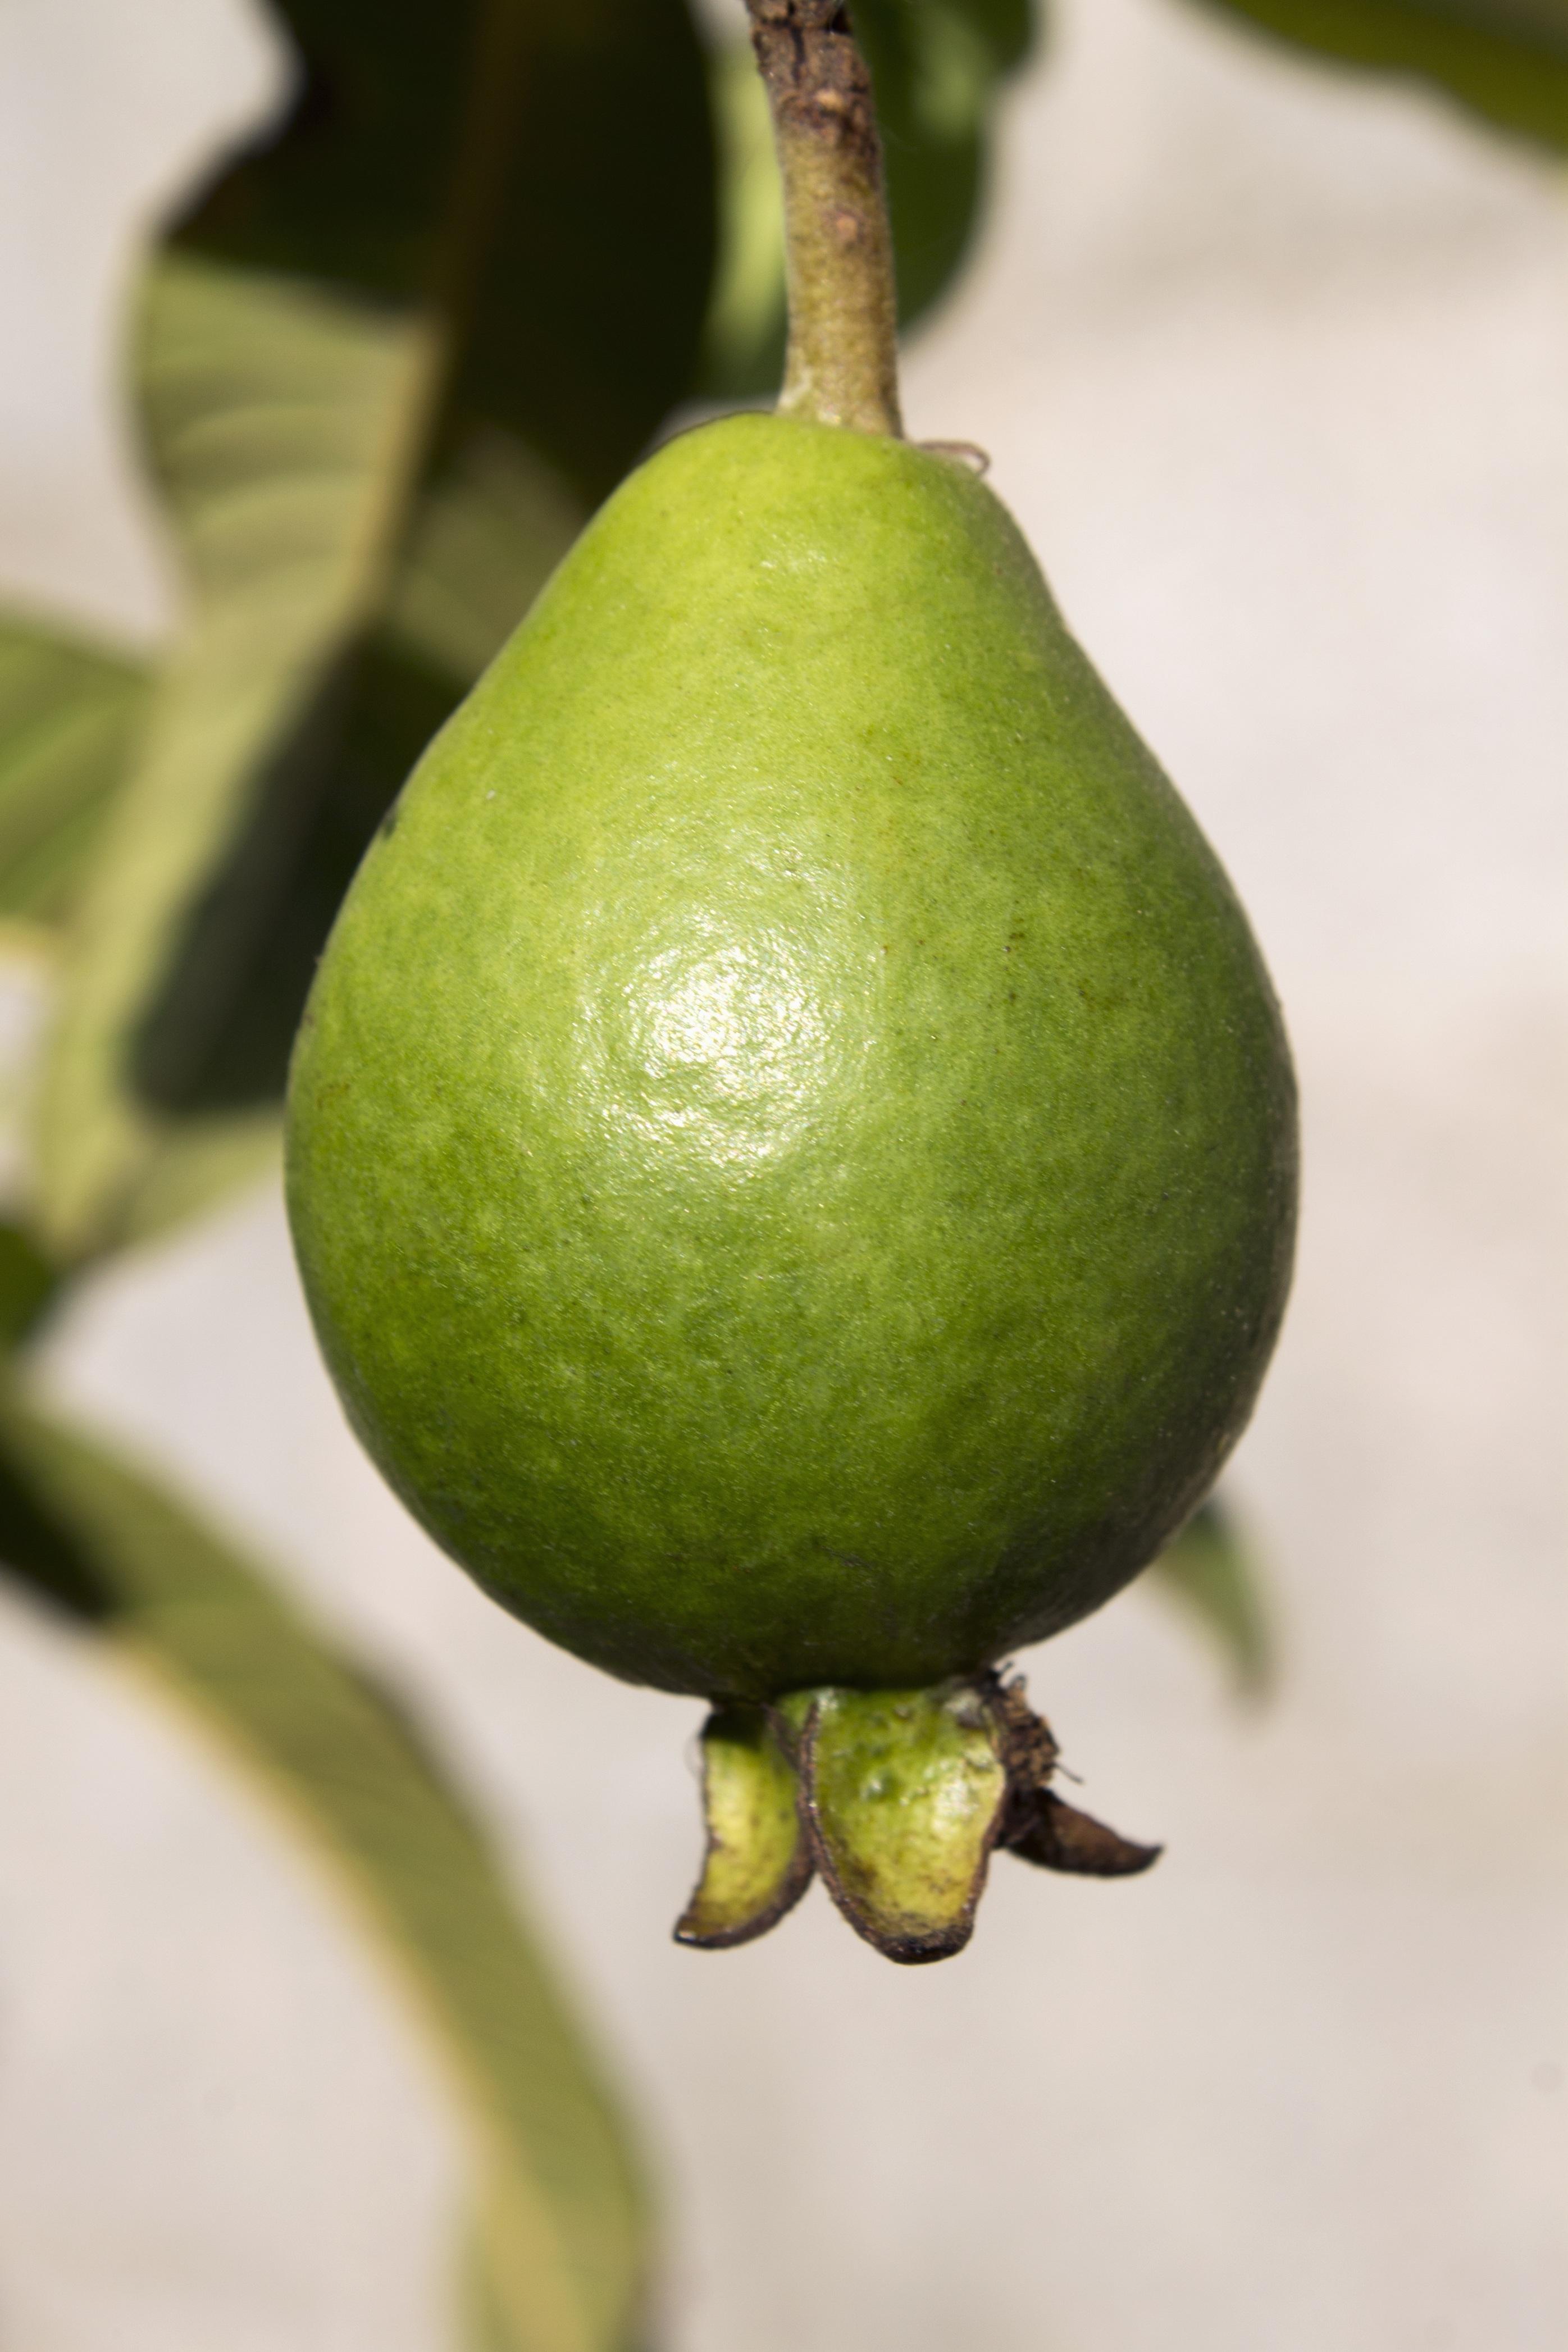 guayaba tree  eBay